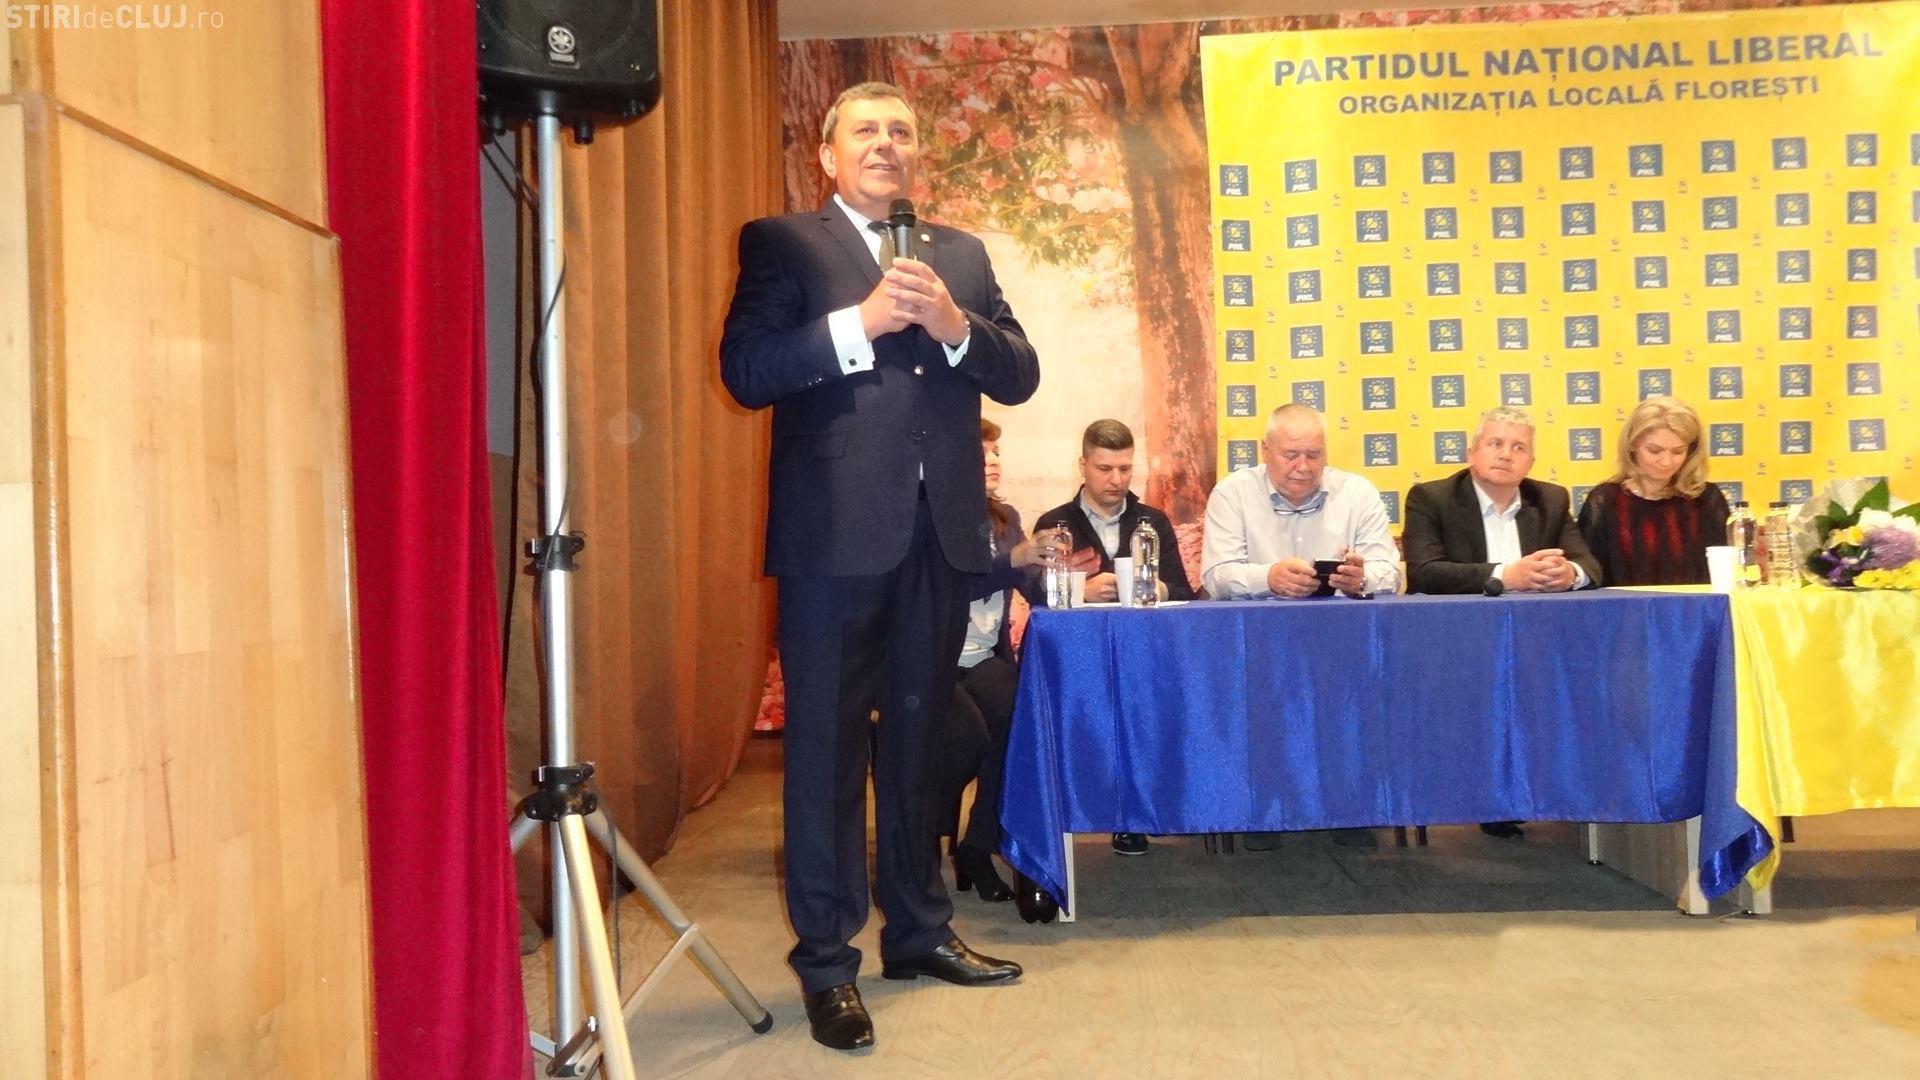 PNL Florești și-a ales conducerea. Primarul Horia Șulea a fost ales președinte - FOTO